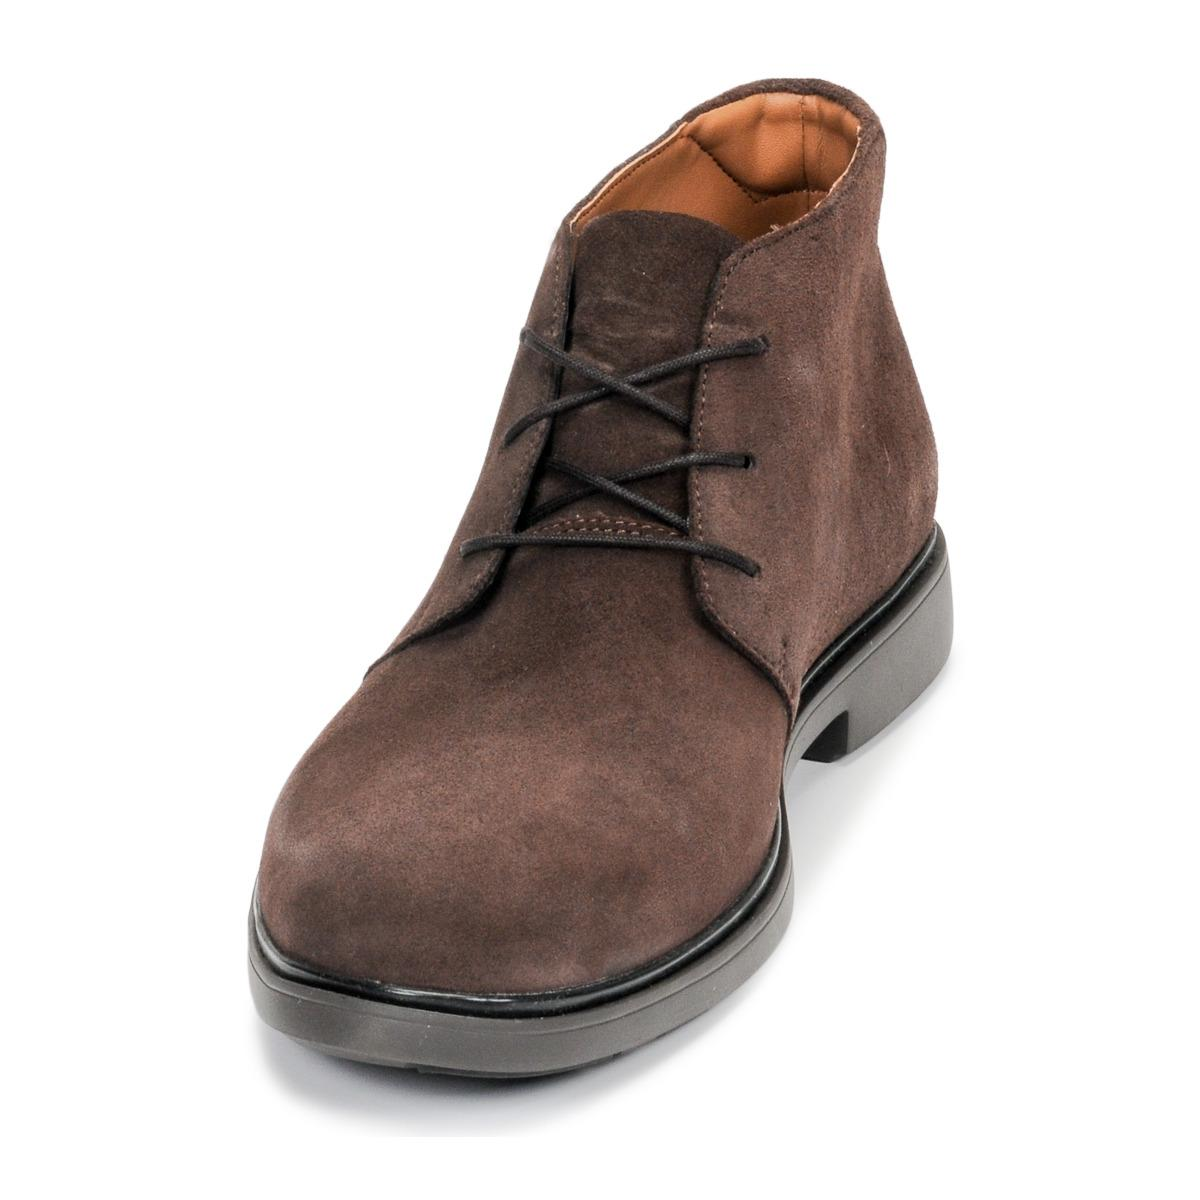 Clarks Leer Laarzen Un Tailor Mid in het Bruin voor heren